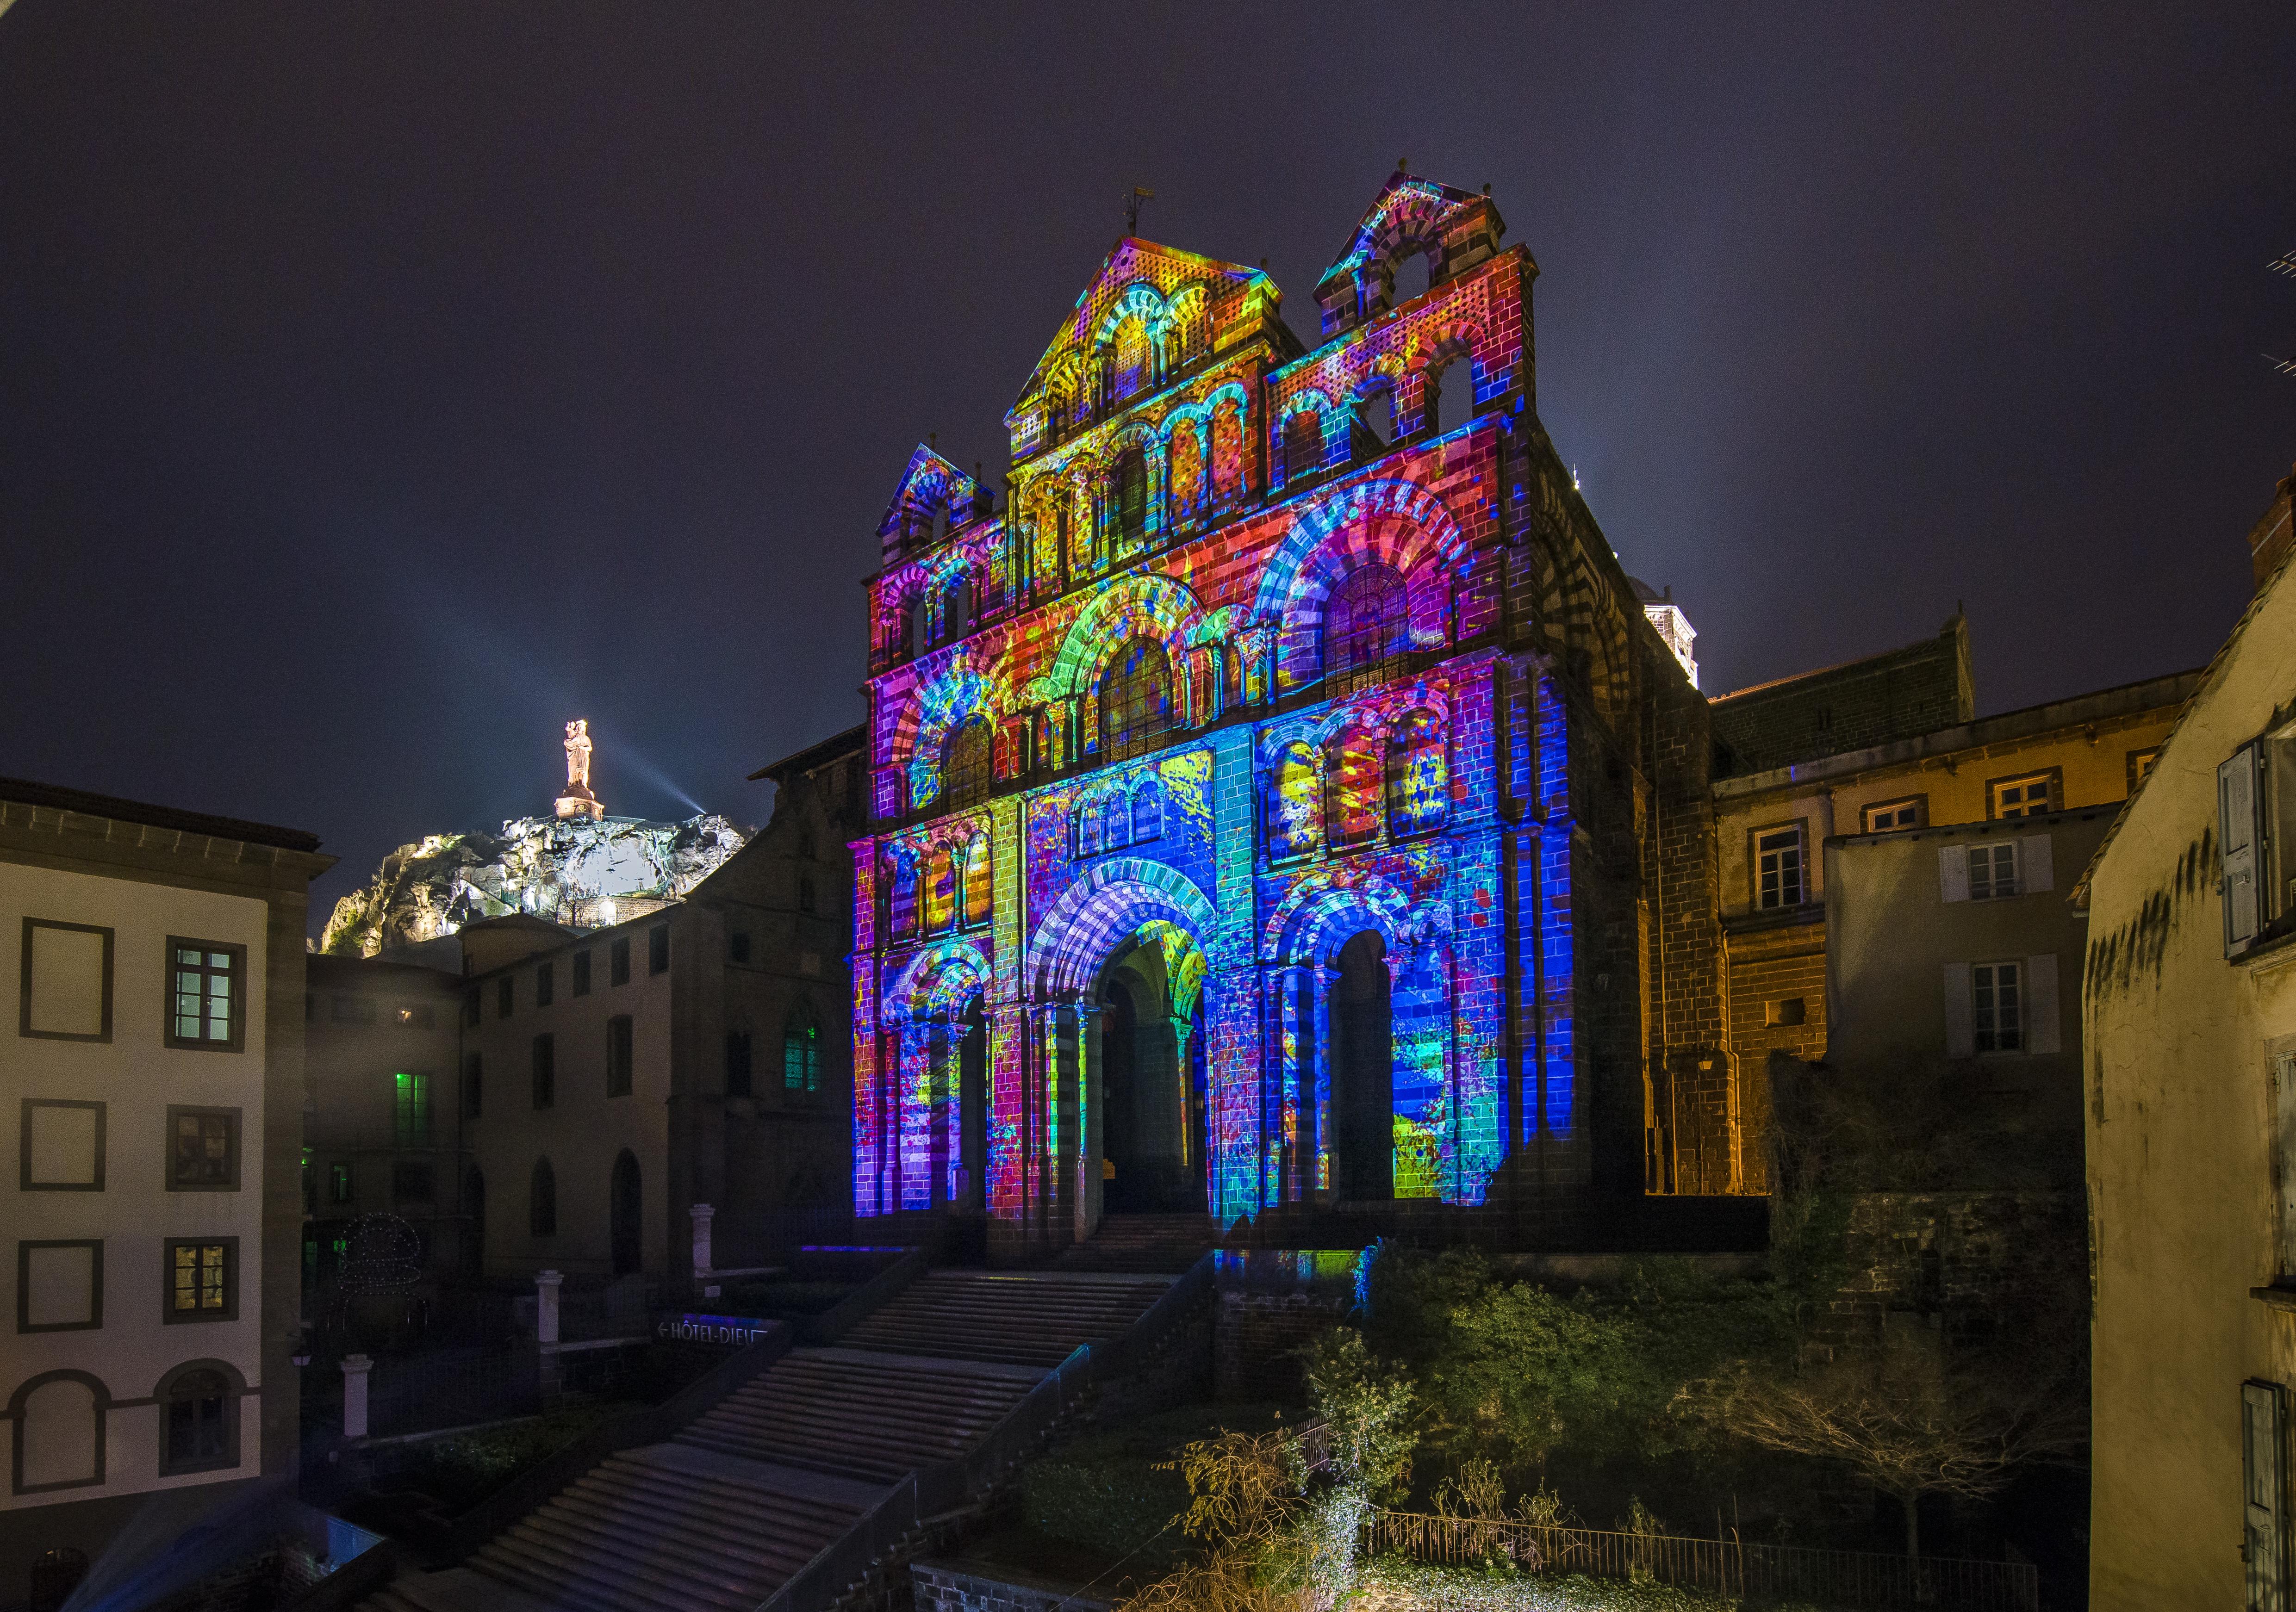 Le Puy-en-Velay - La façade de la cathédrale illuminée lors des animations Le Puy de lumière.